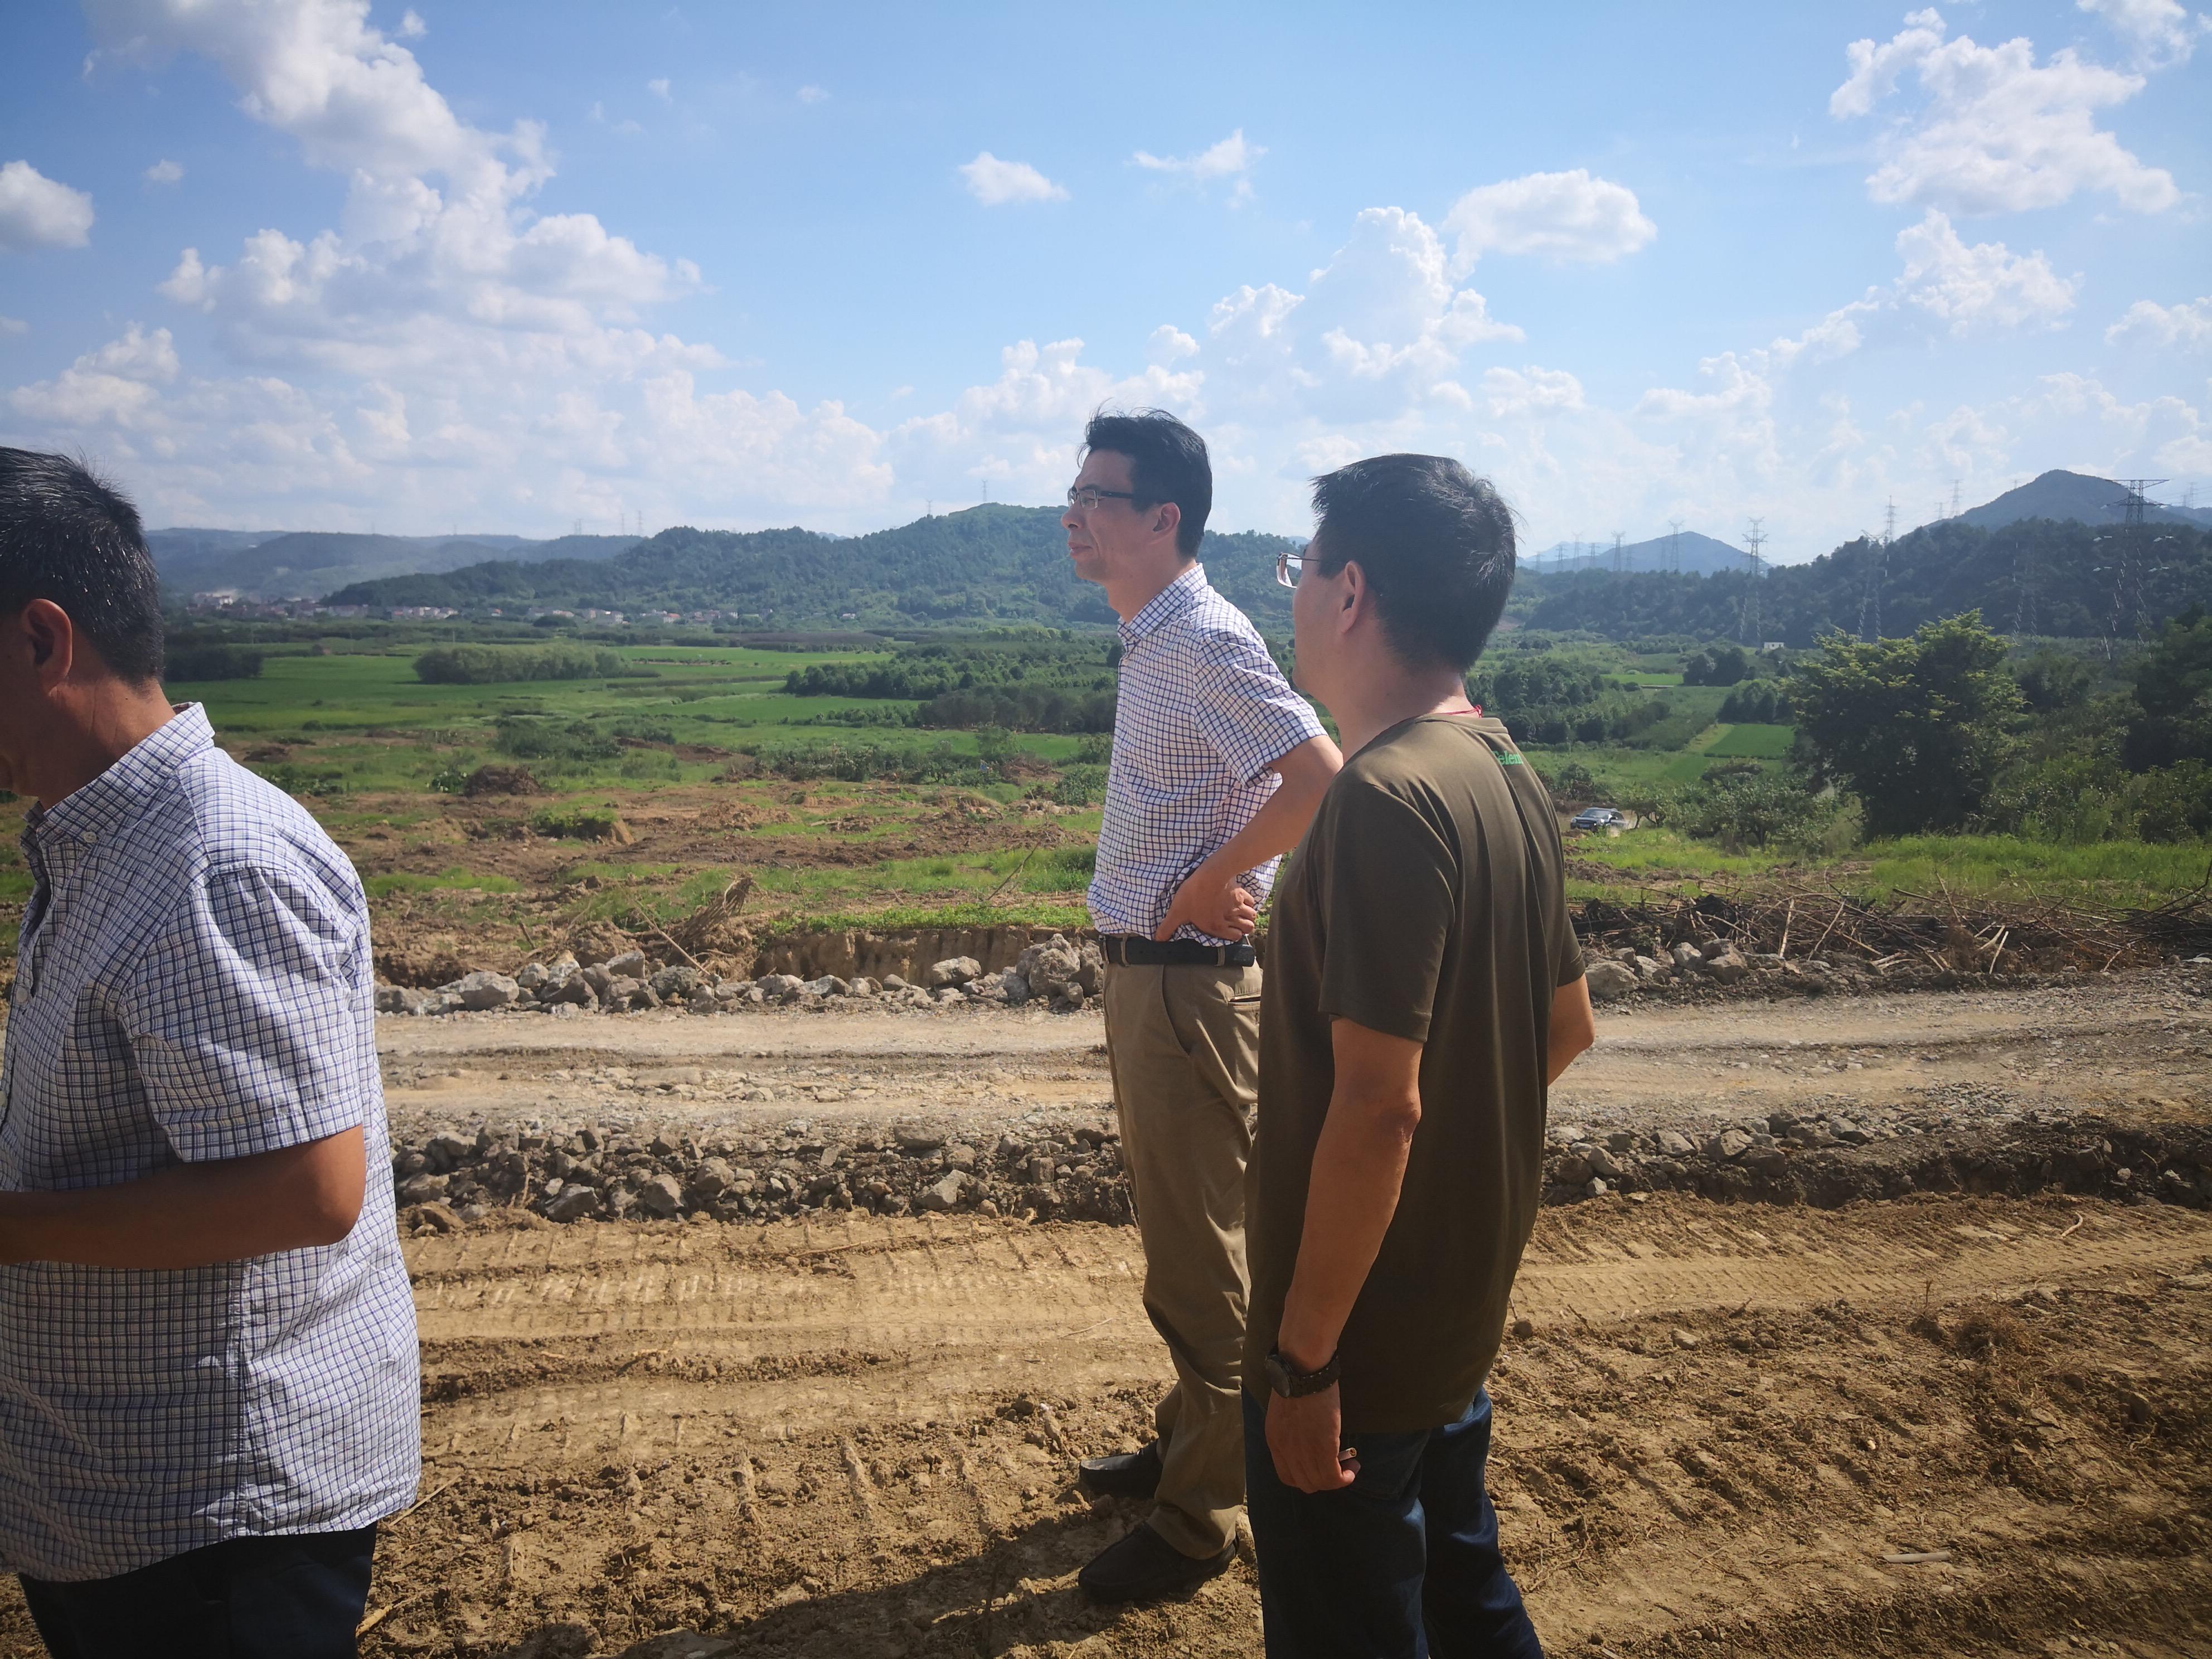 甘霖镇党委副书记、镇长余建生带队督查2019年甘霖镇苍岩村童家湾土地开发项目